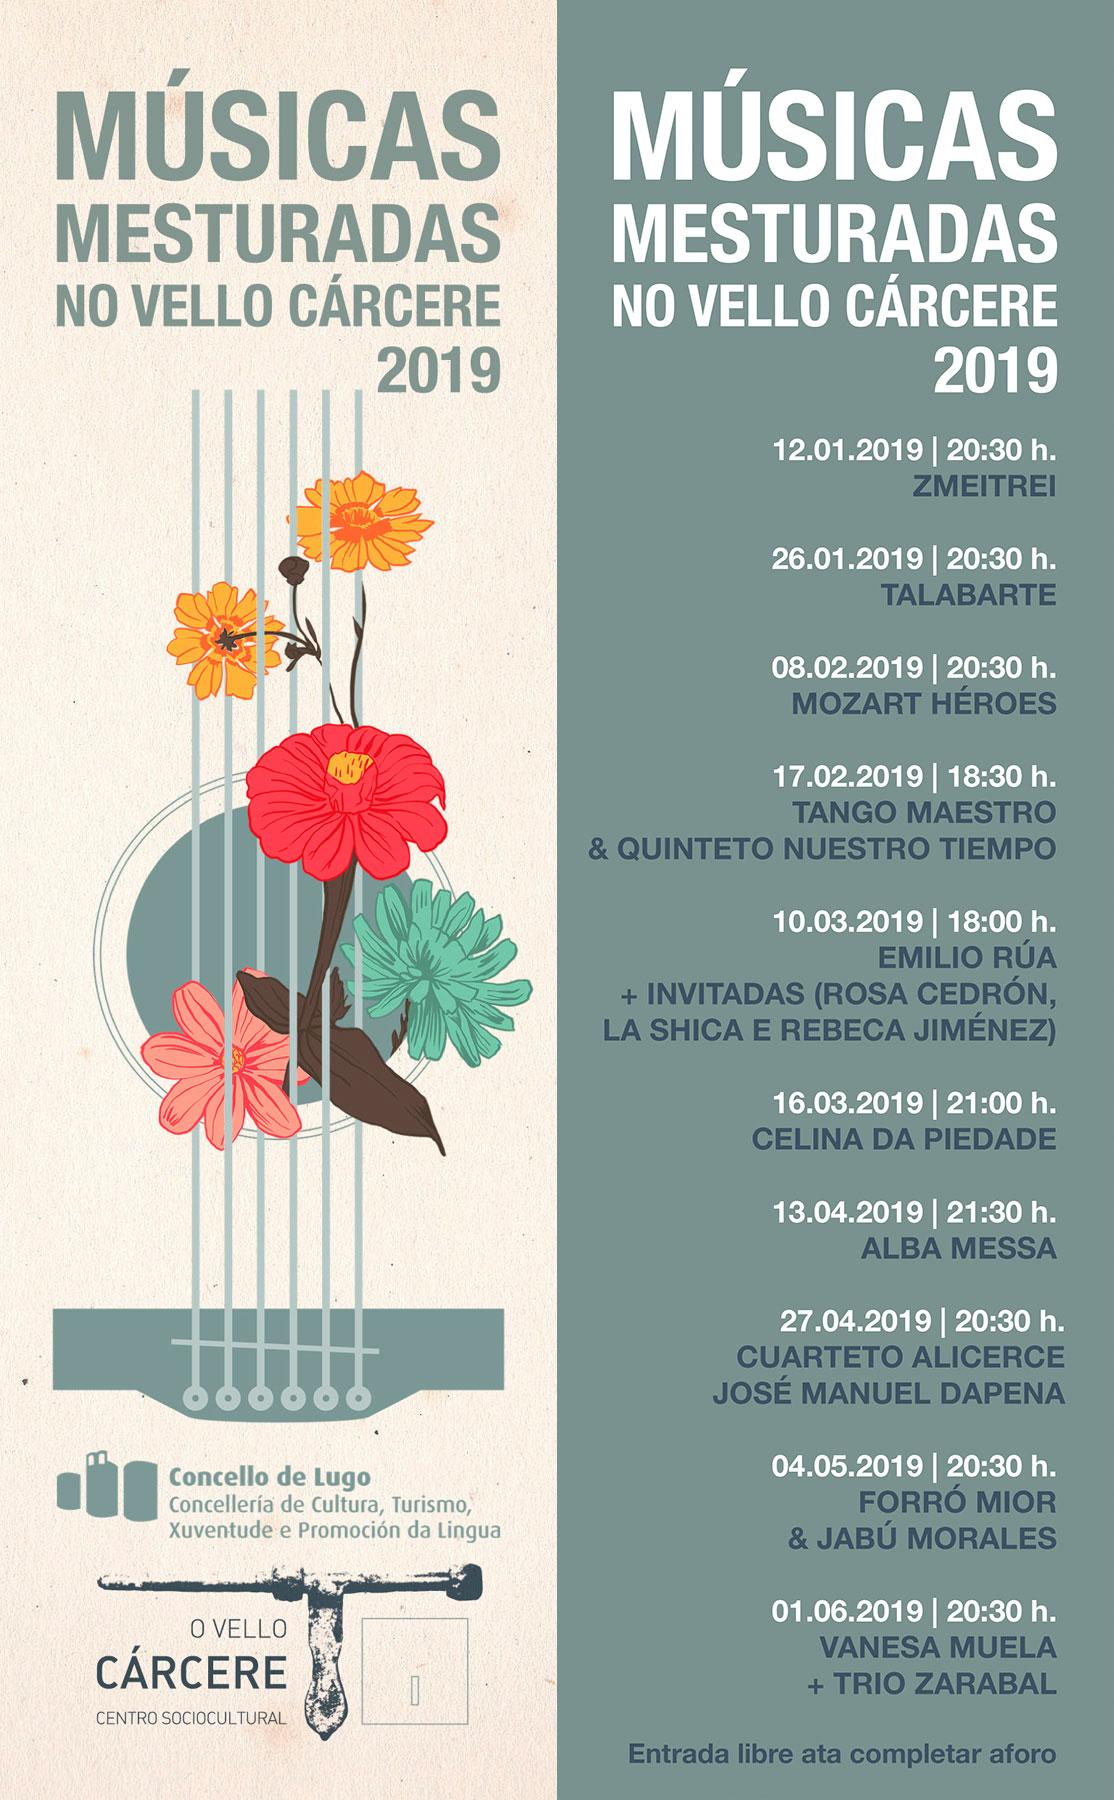 Musicas Mesturadas Lugo